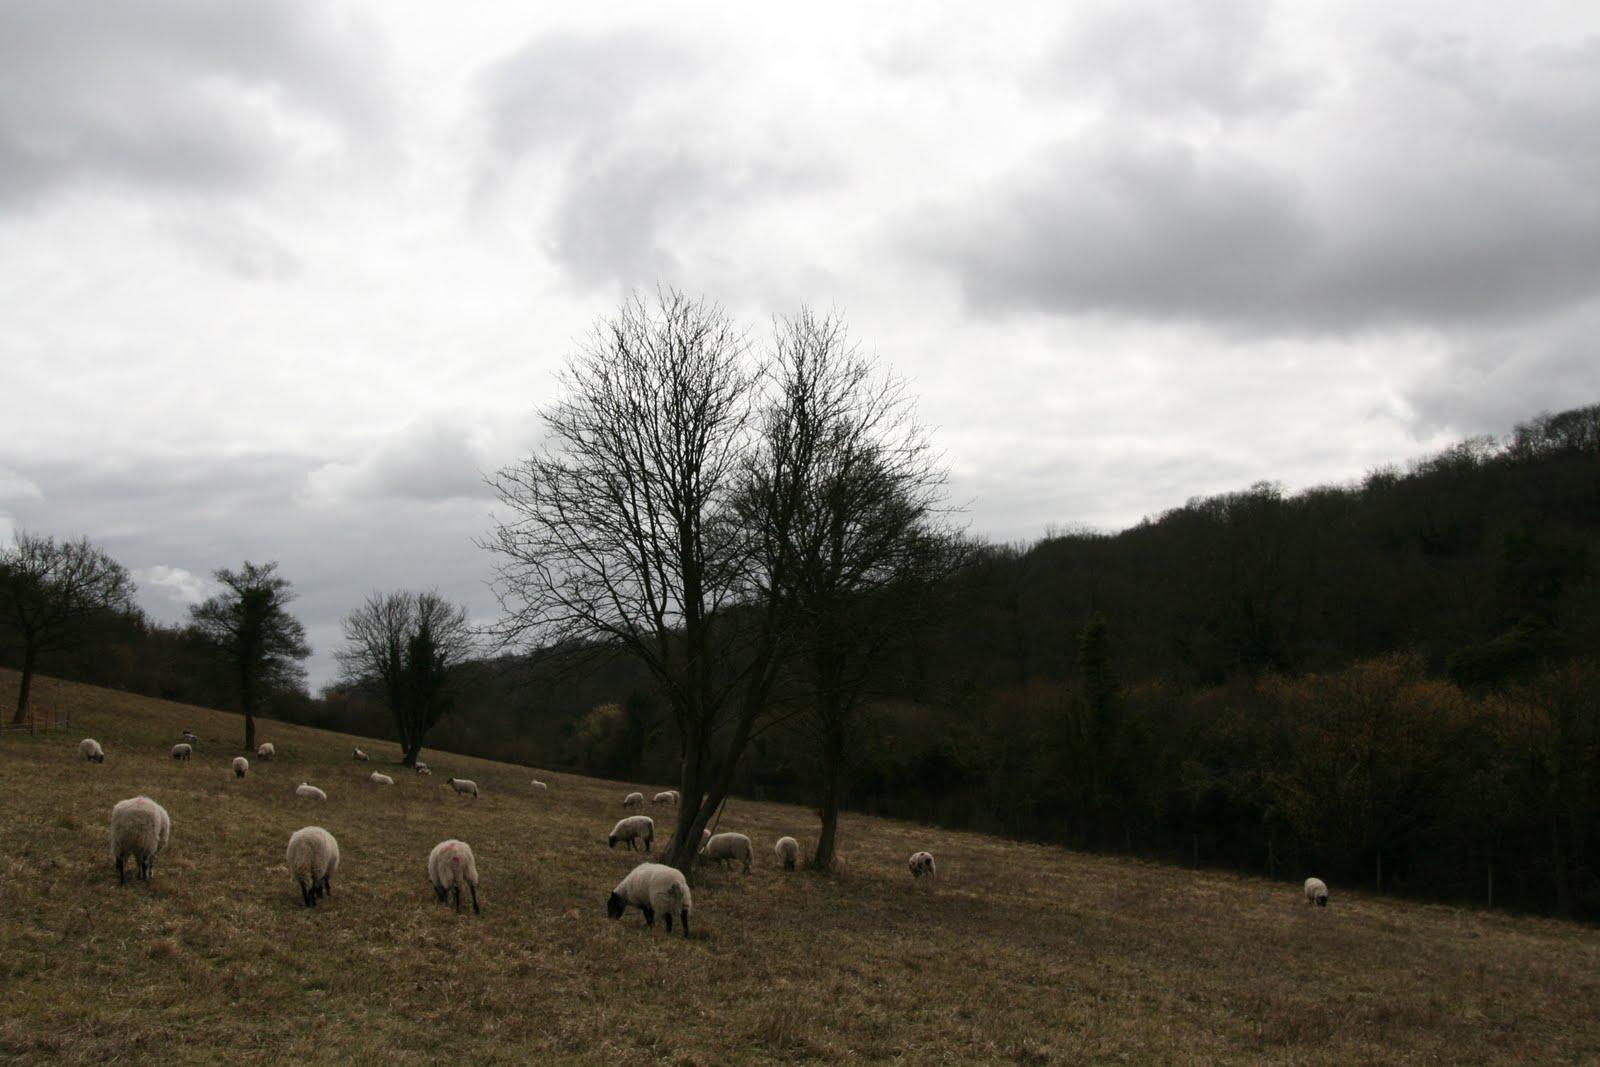 1003 007 Coulsdon, England Sheeps